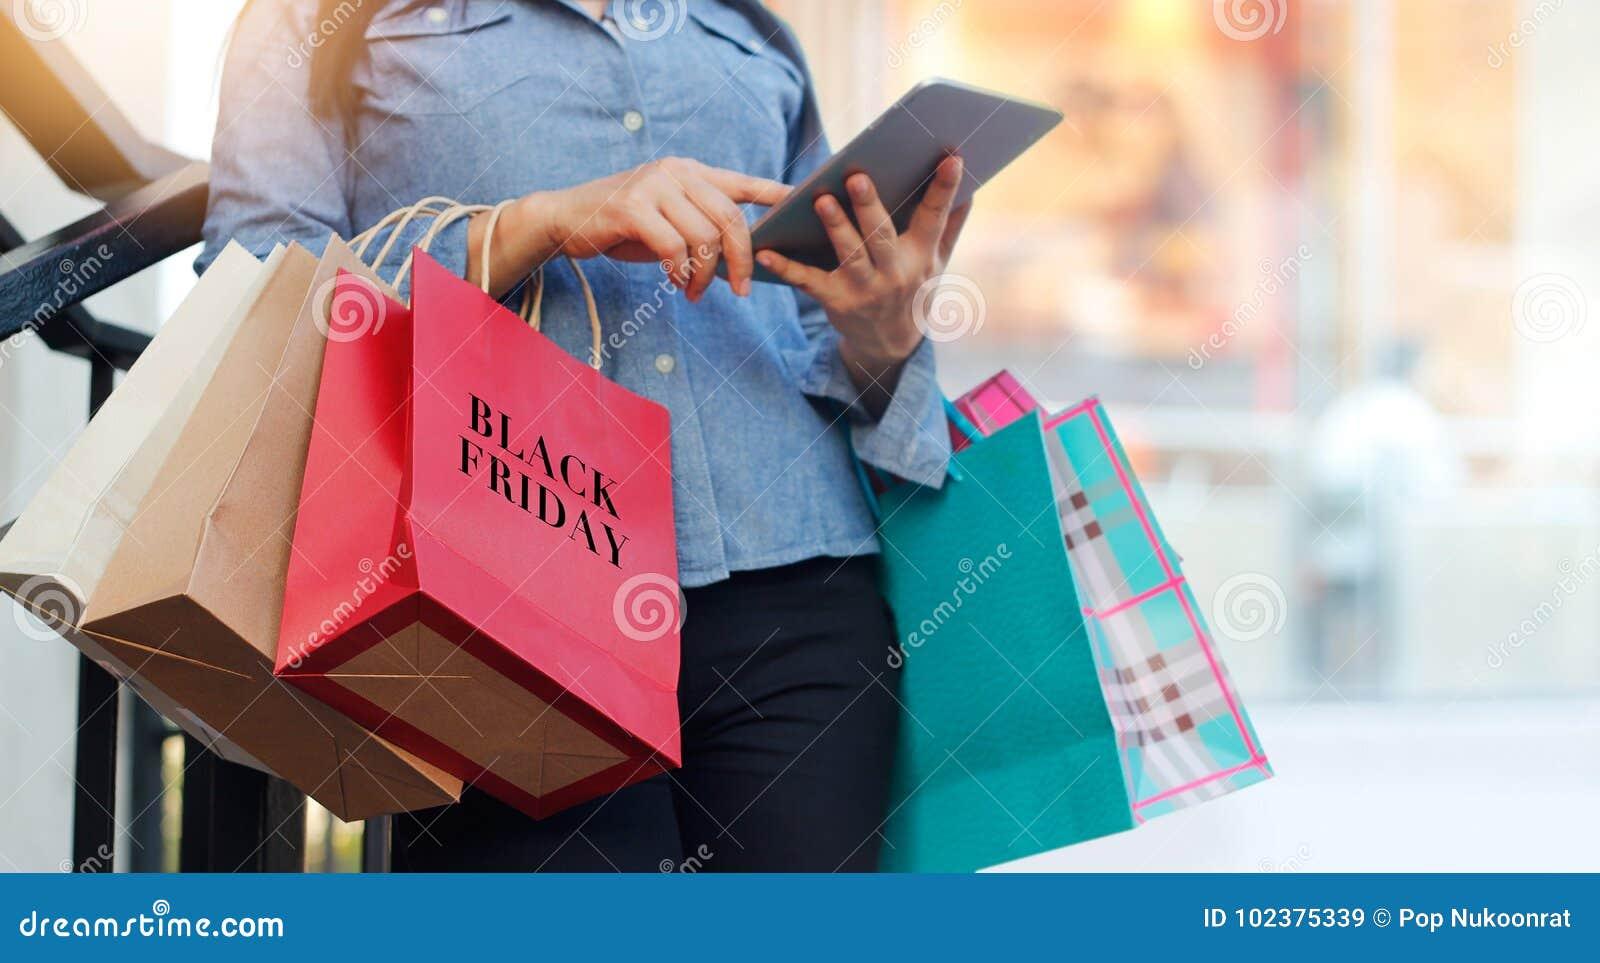 Frau, die Tablette verwendet und Black Friday-Einkaufstasche hält